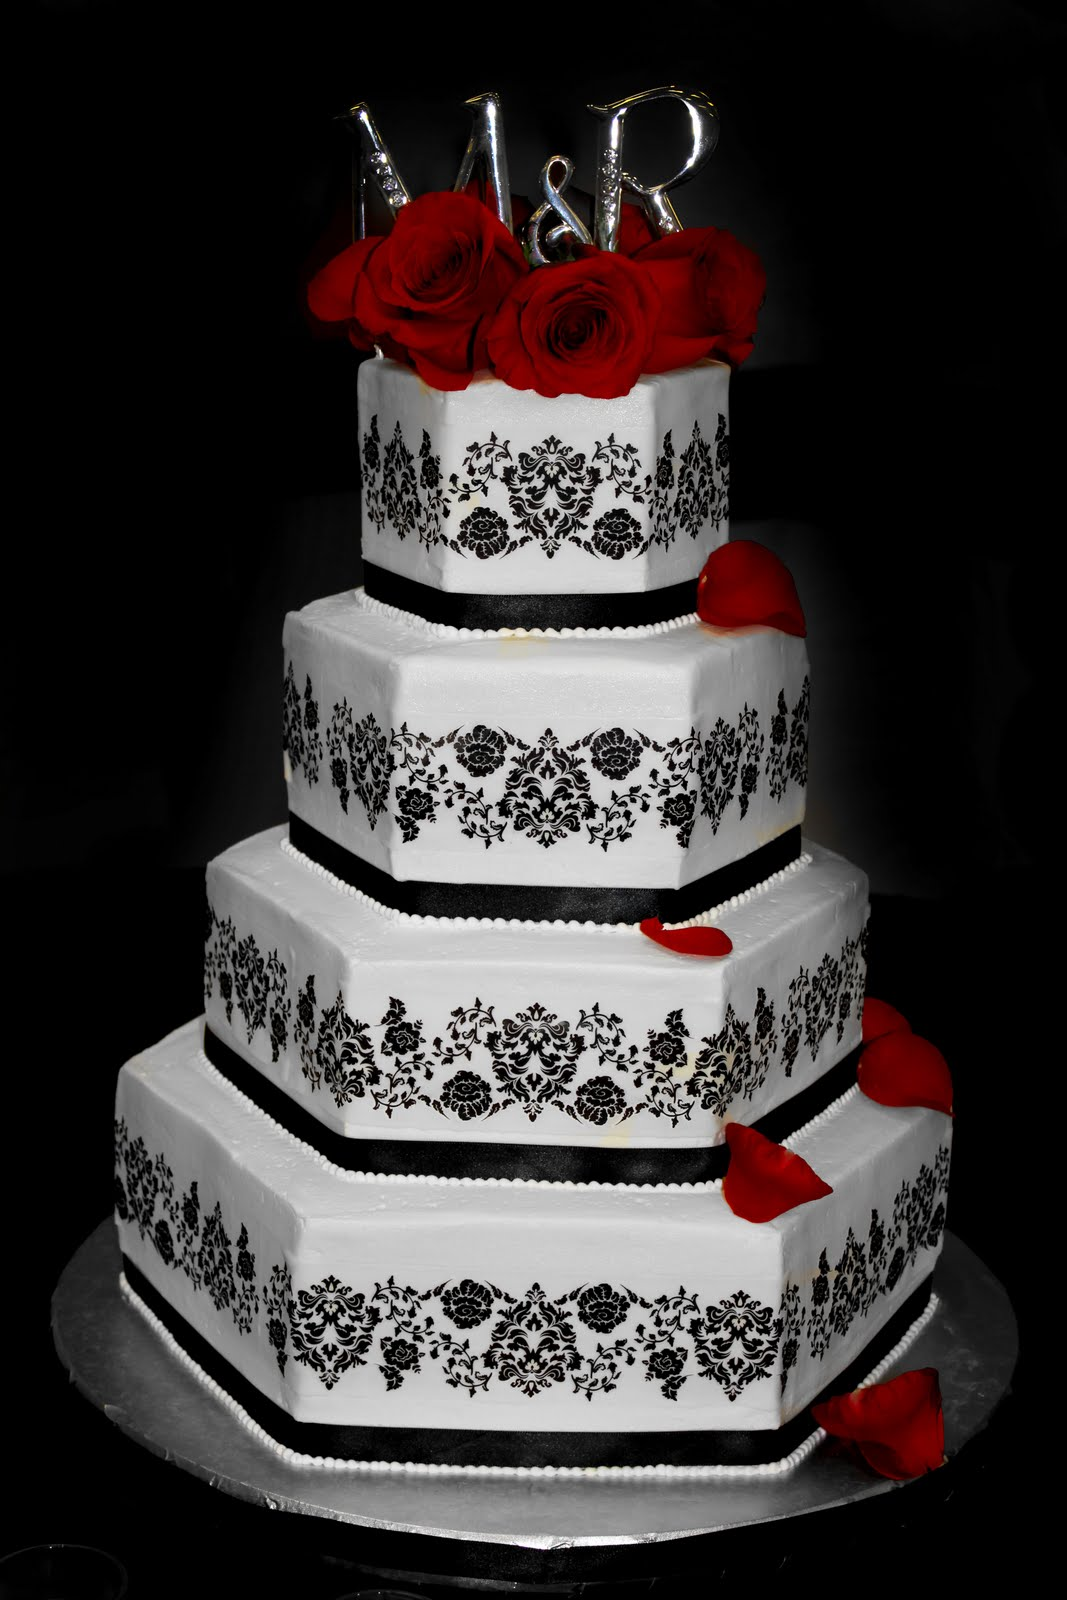 wedding cake ever!